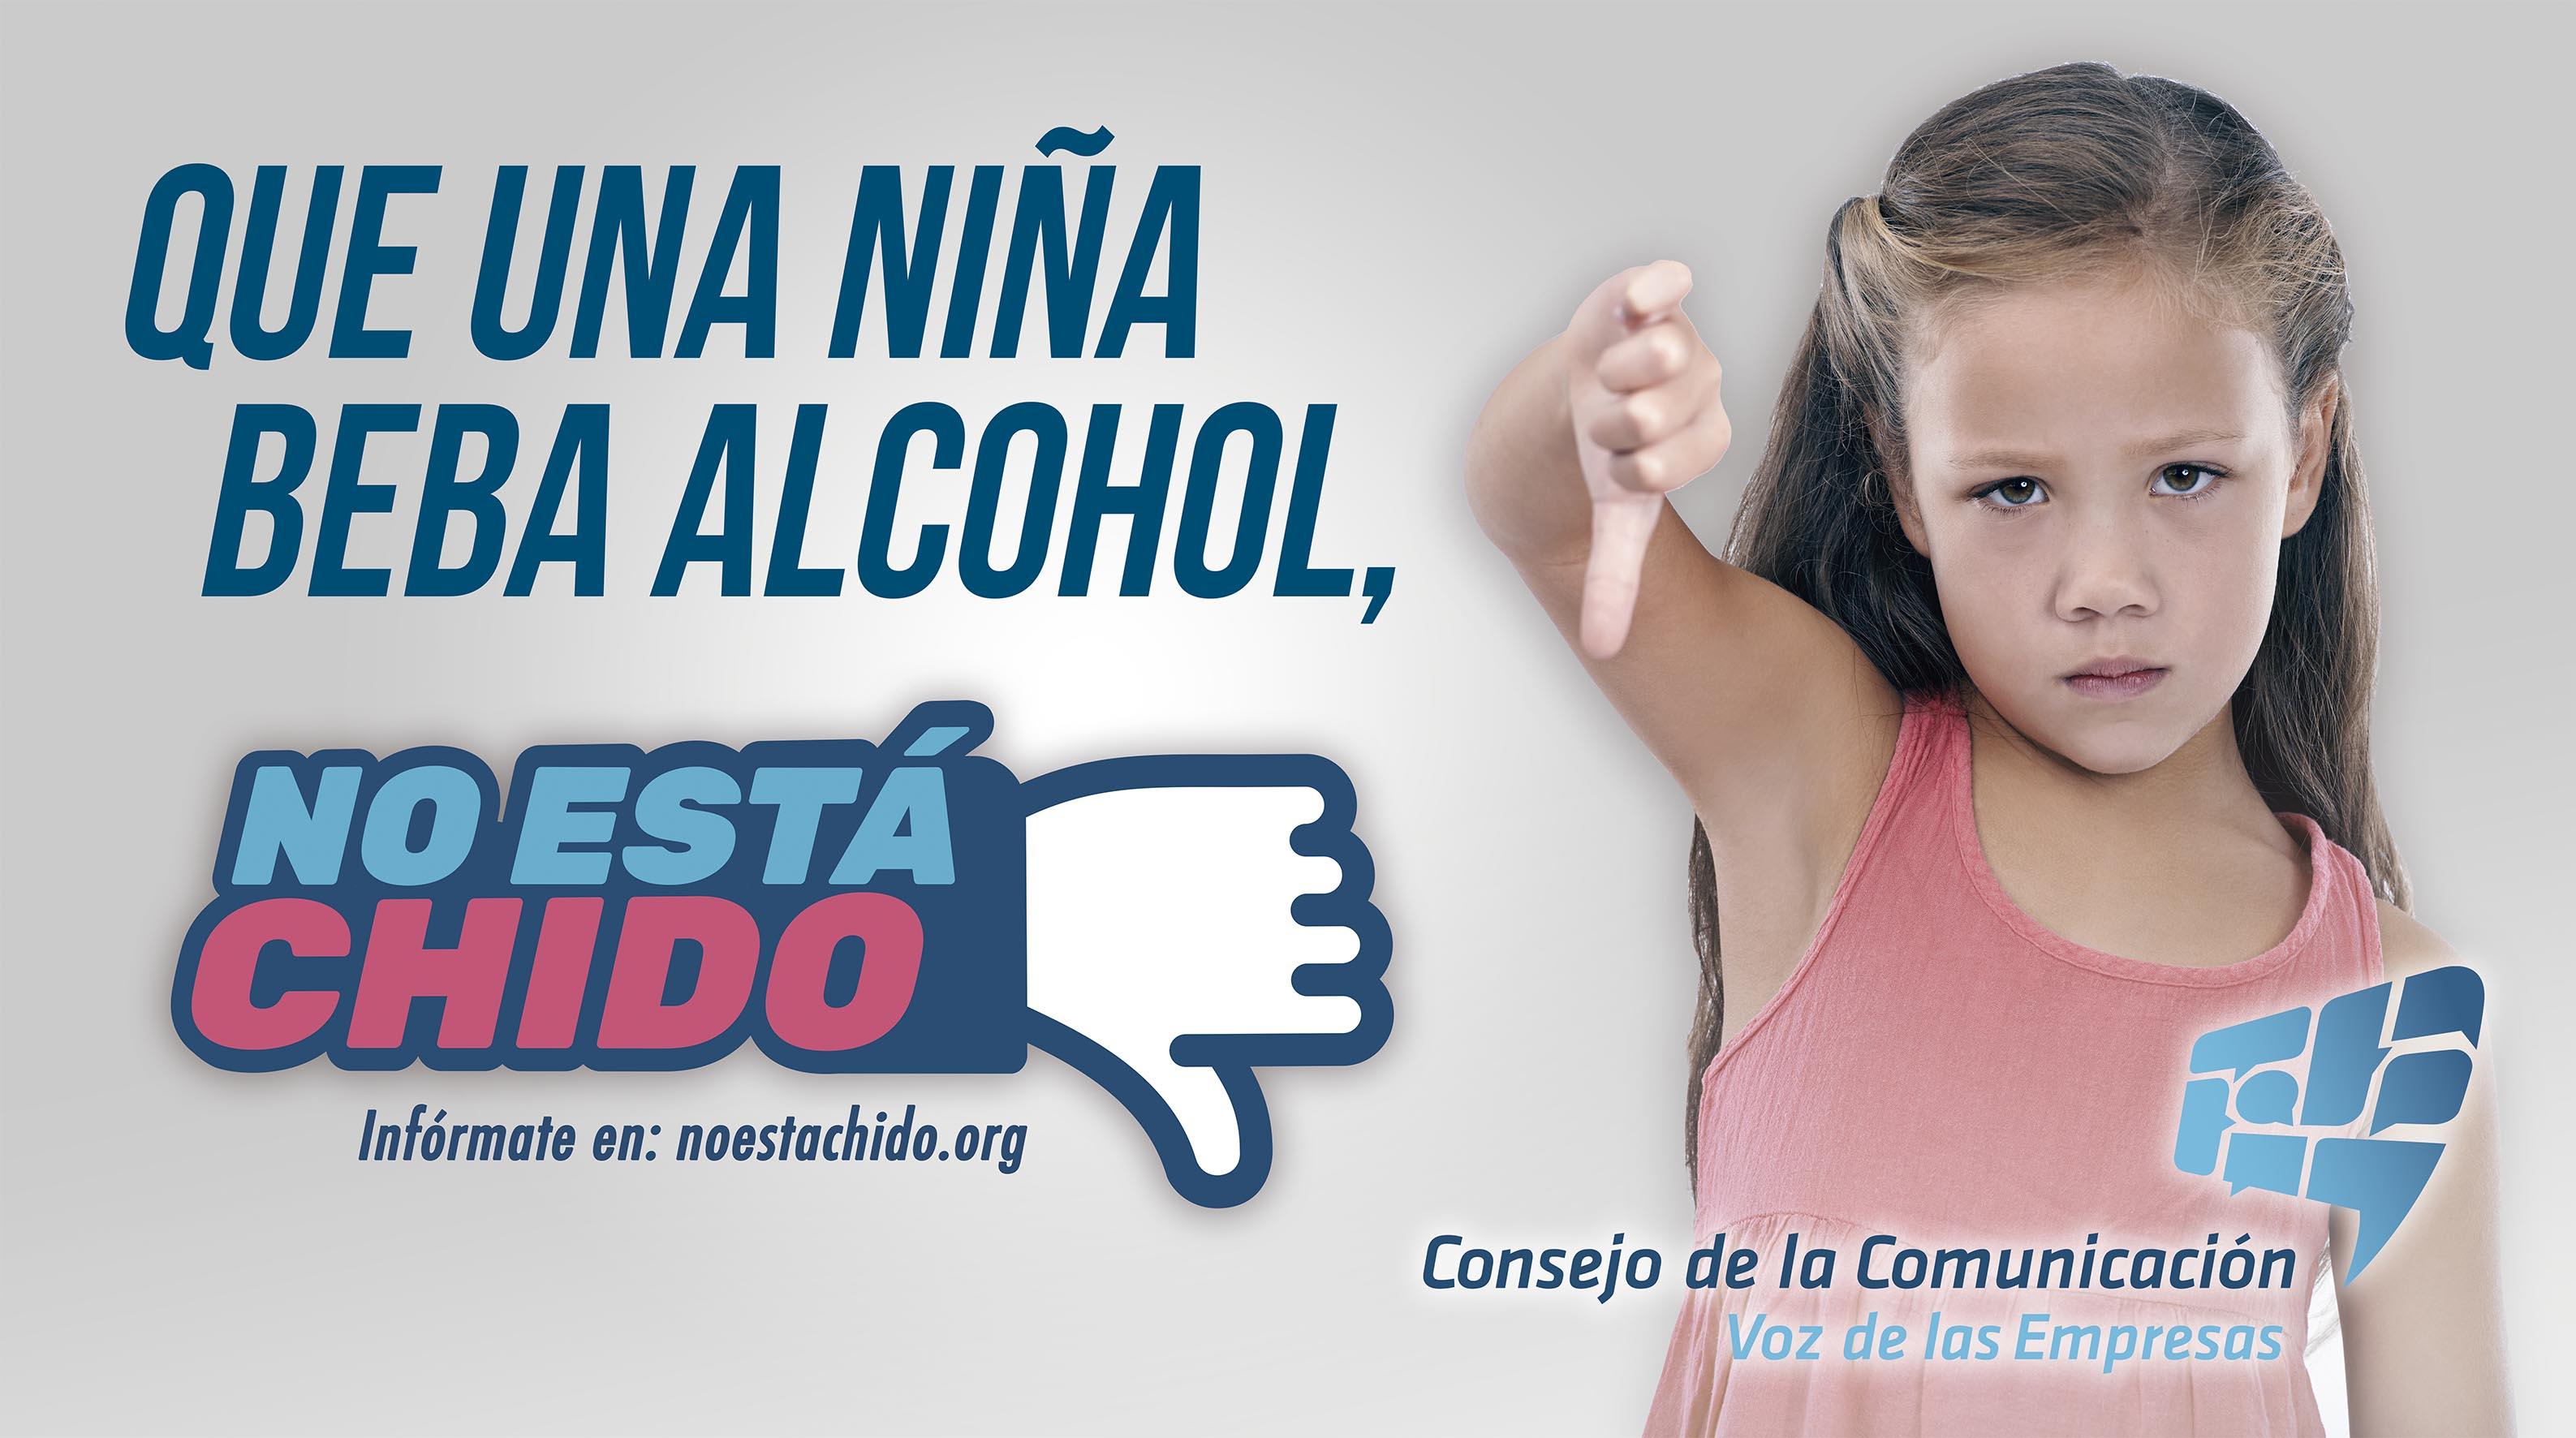 No está chido, Tolerancia cero en consumo de alcohol y tabaco en niñas, niños y adolescentes